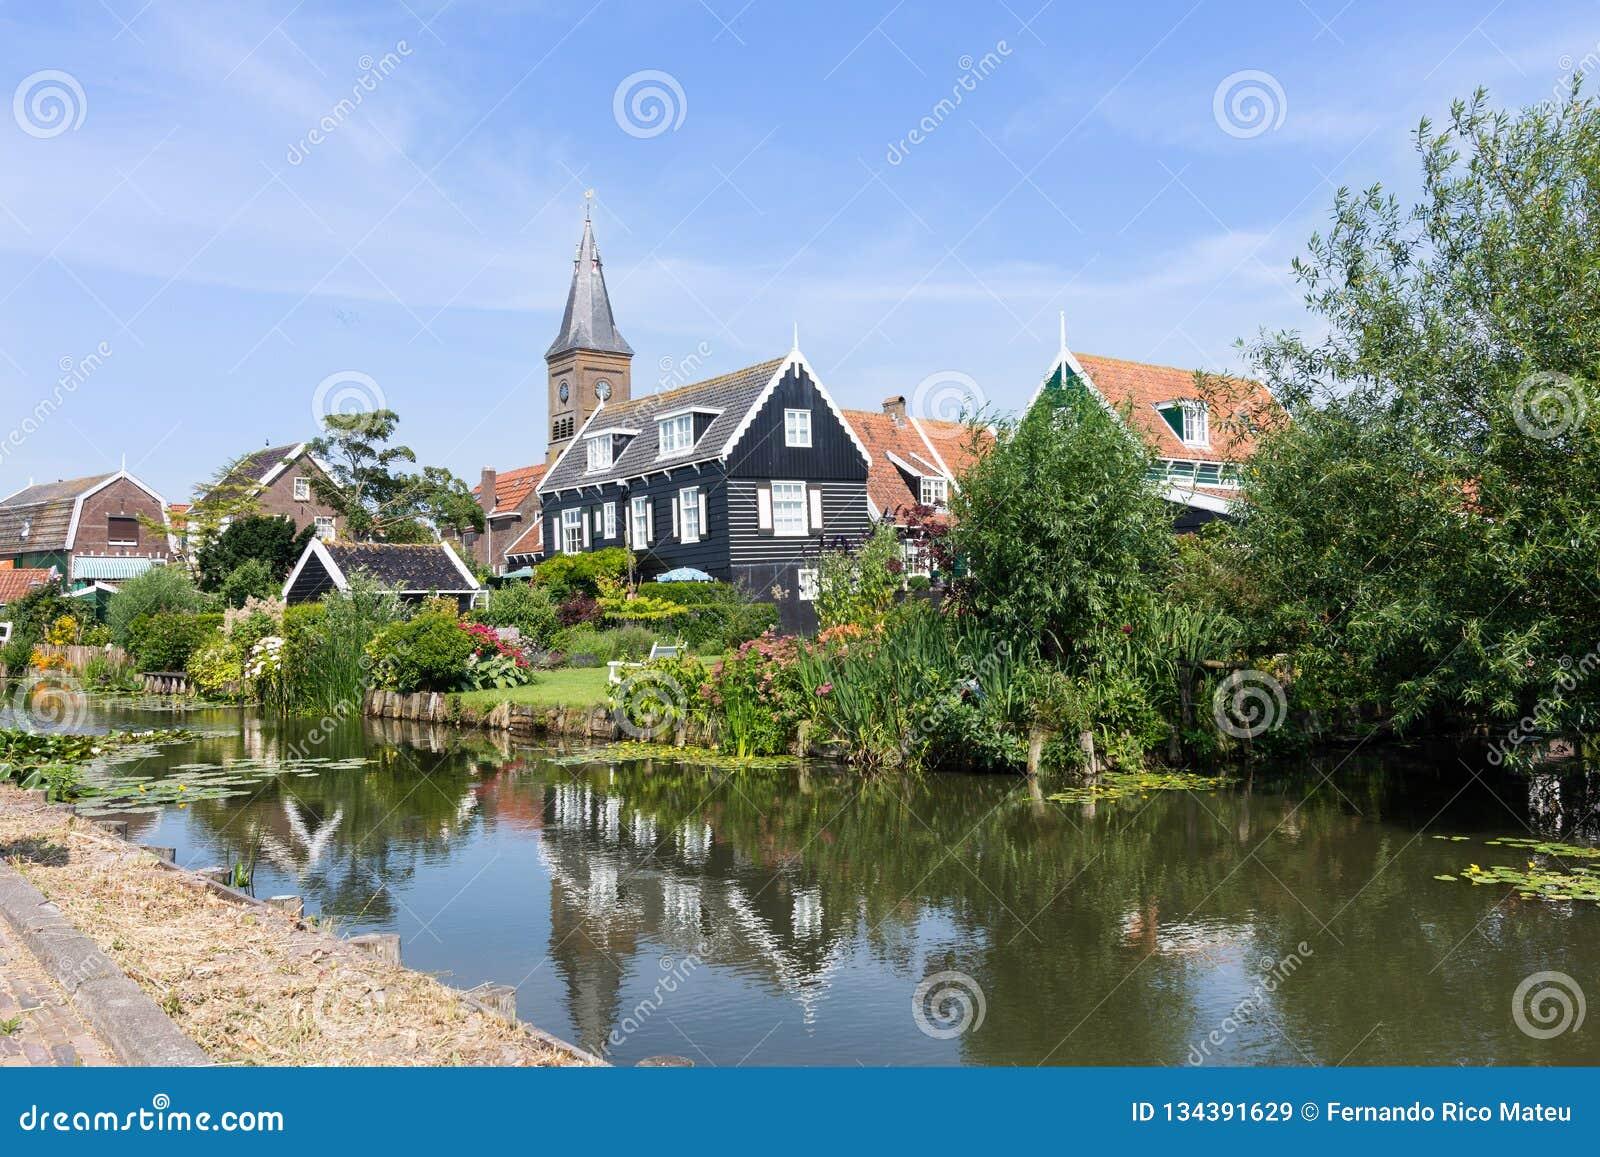 Panorama de casas y de un canal en el queso Edam hisotric de la ciudad, Países Bajos